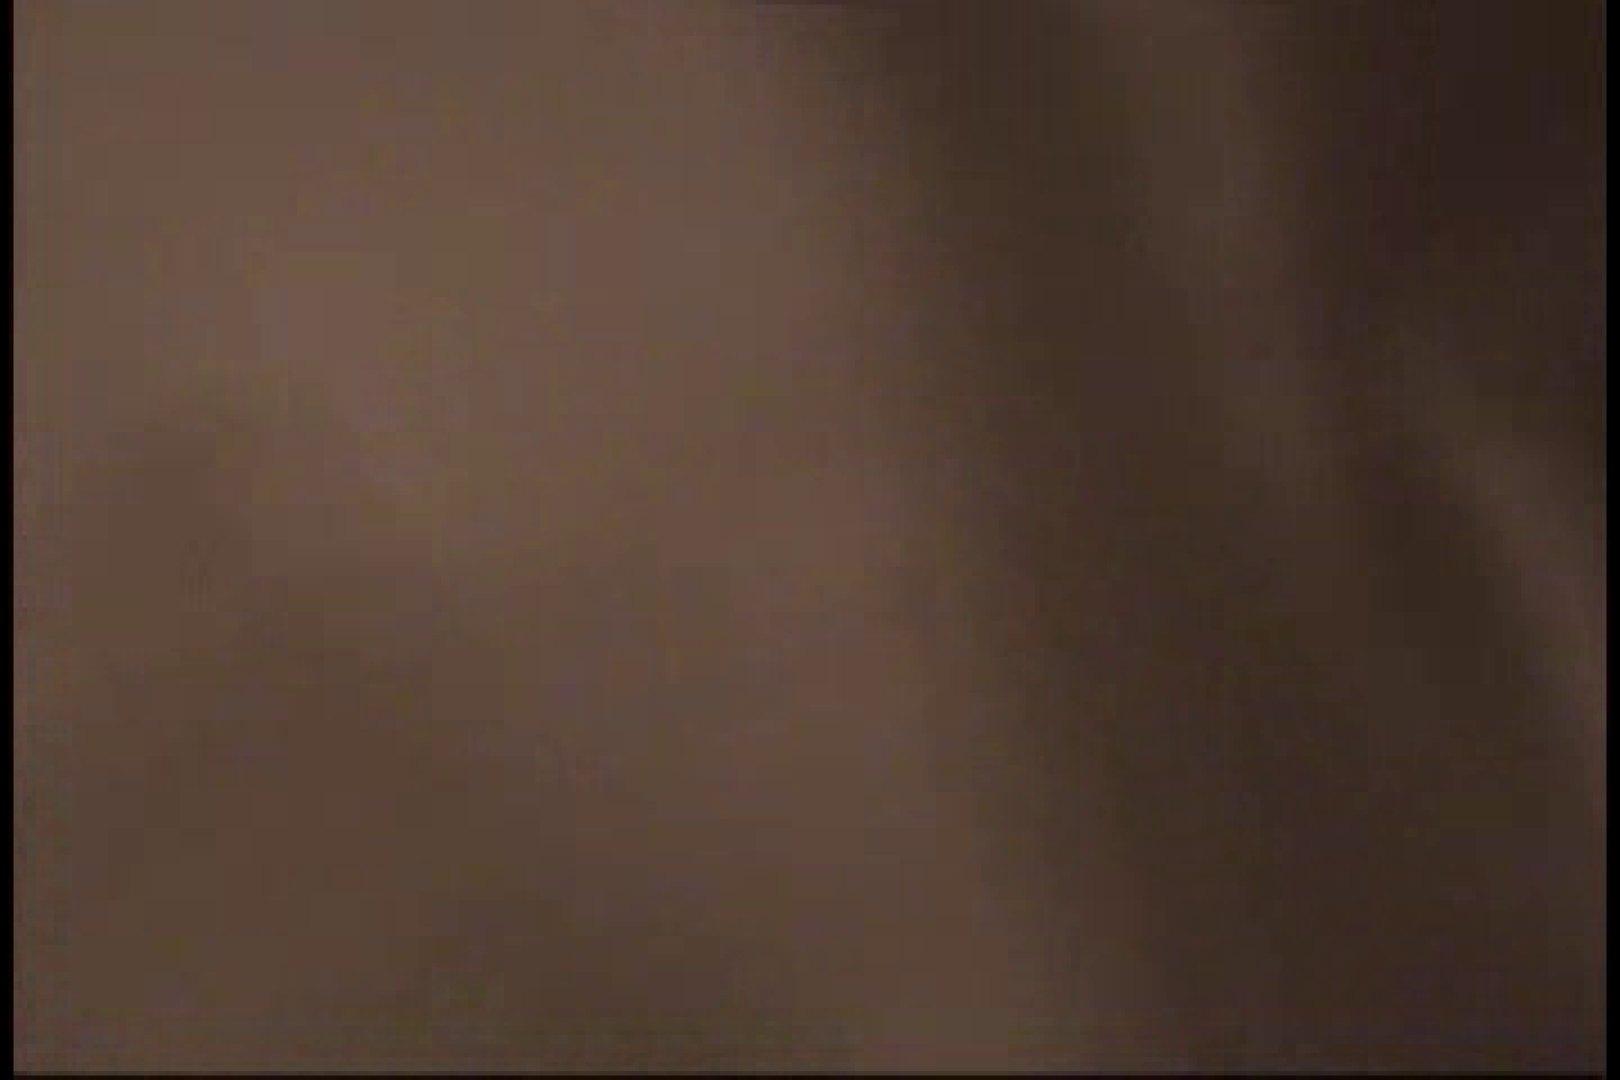 三ッ星シリーズ!!陰間茶屋独占!!第二弾!!イケメン羞恥心File.01 アナル ゲイザーメン画像 97枚 91